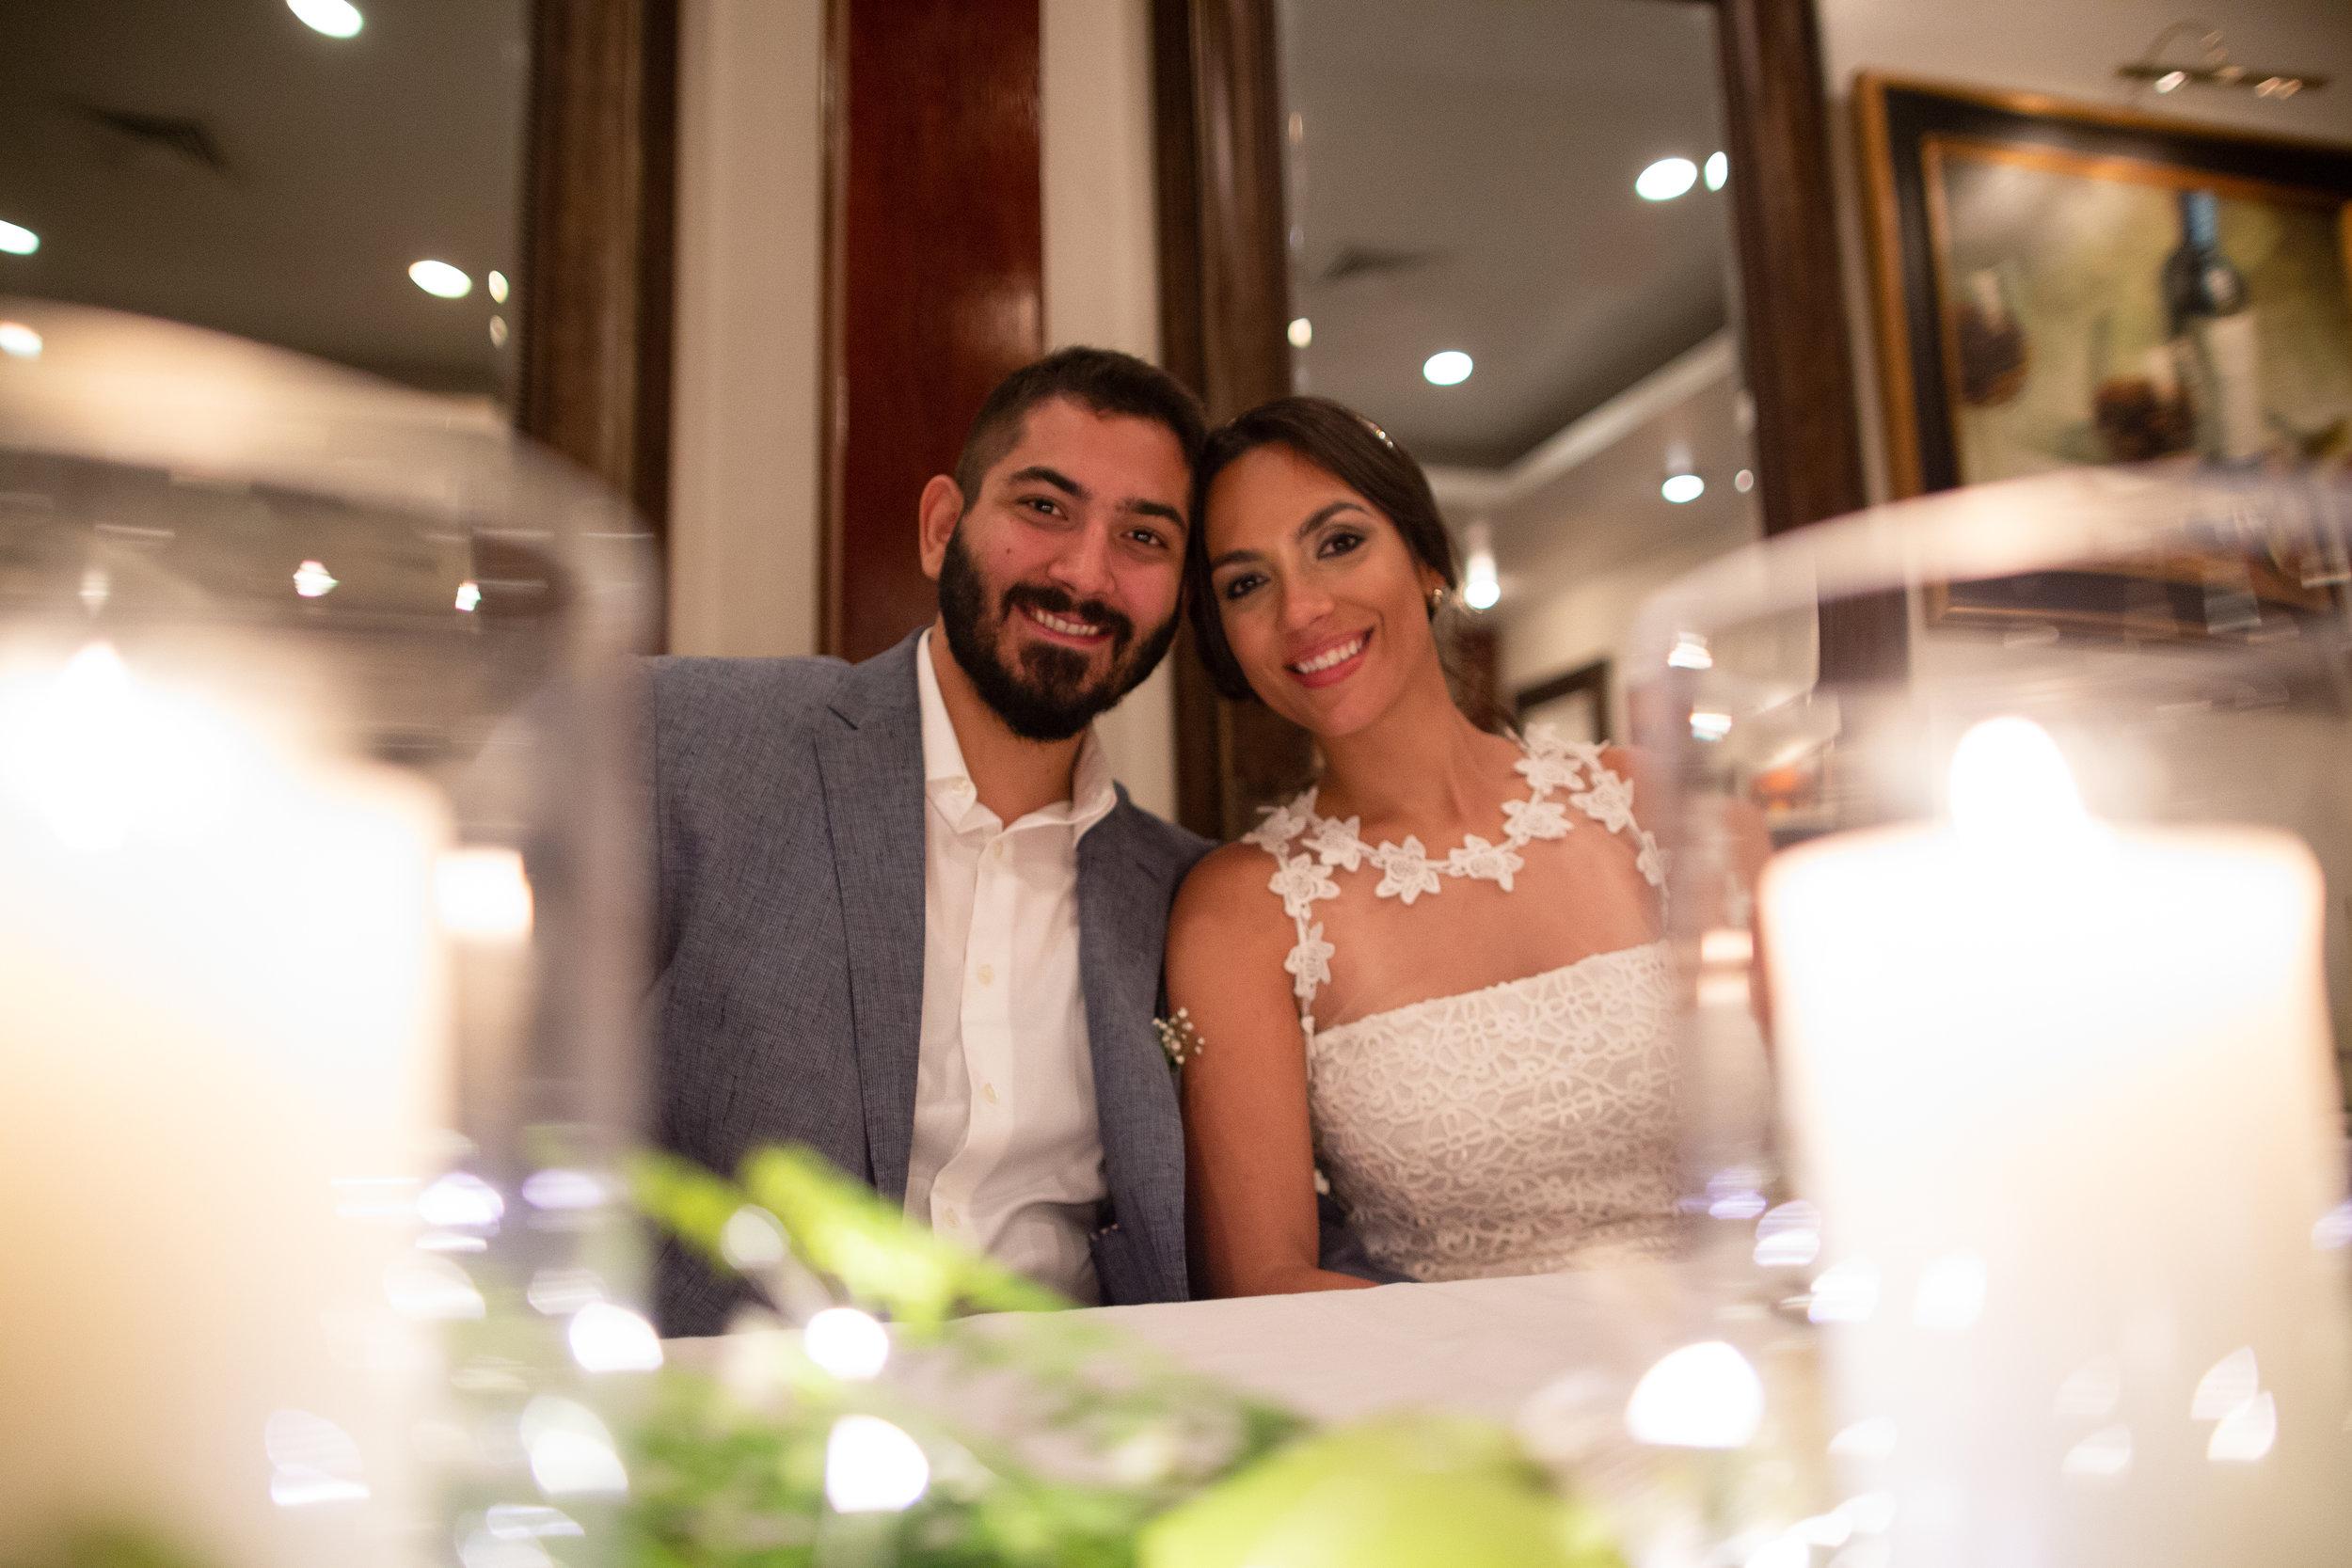 Mi maridito y yo en nuestra boda. Imagen tomada por Sky Lens Media.